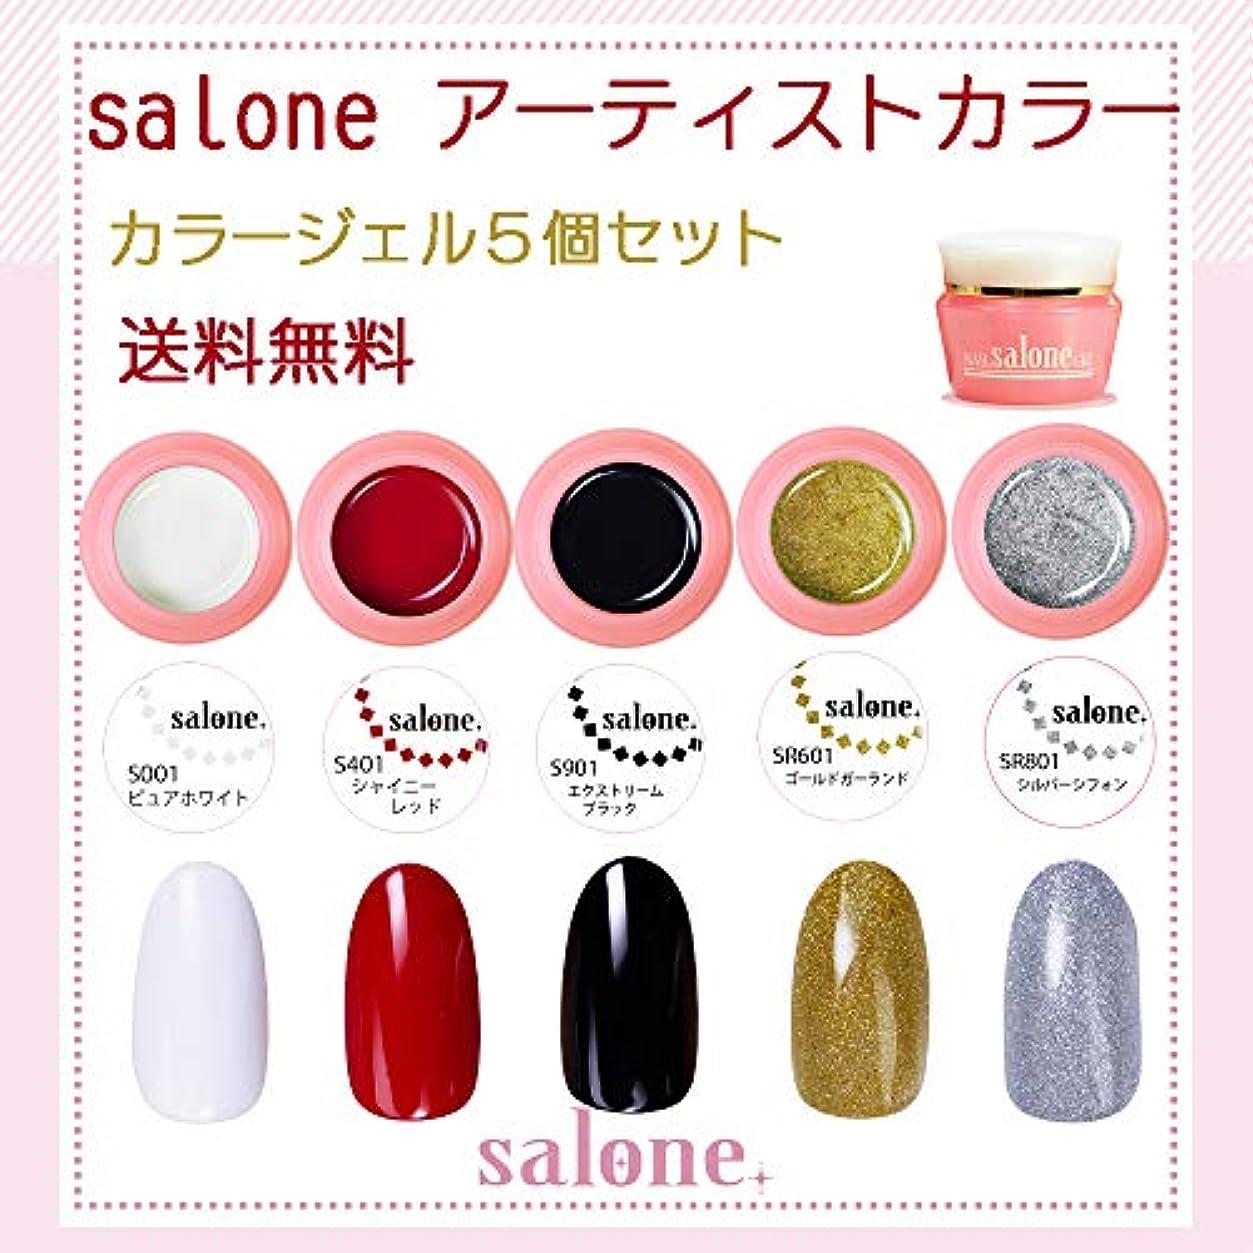 大陸スピン必須【送料無料 日本製】Salone アーティスト カラージェル5個セット トレンドのラインアートにもピッタリなカラー